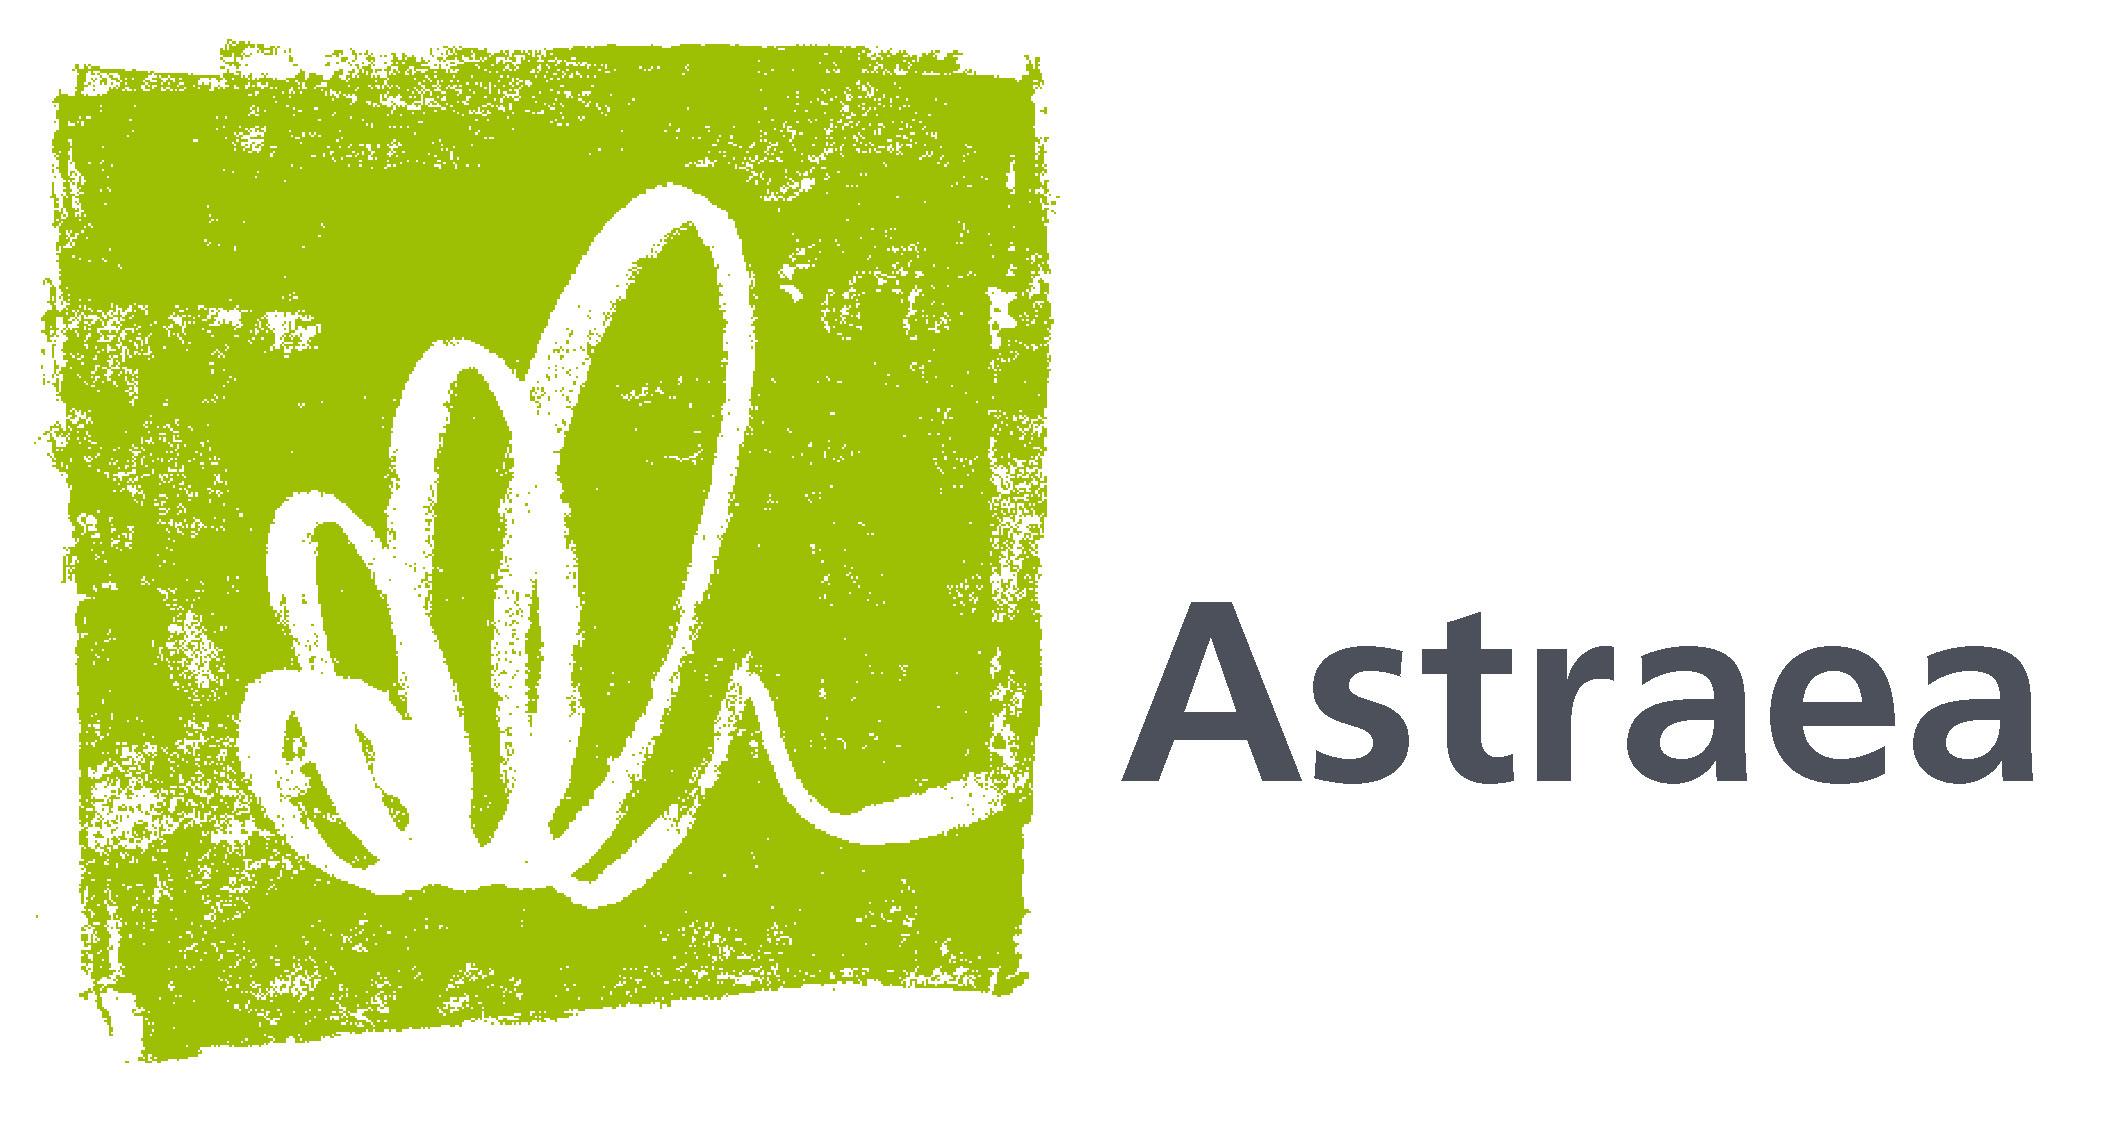 Astrea-Lesbian-Foundation.jpg